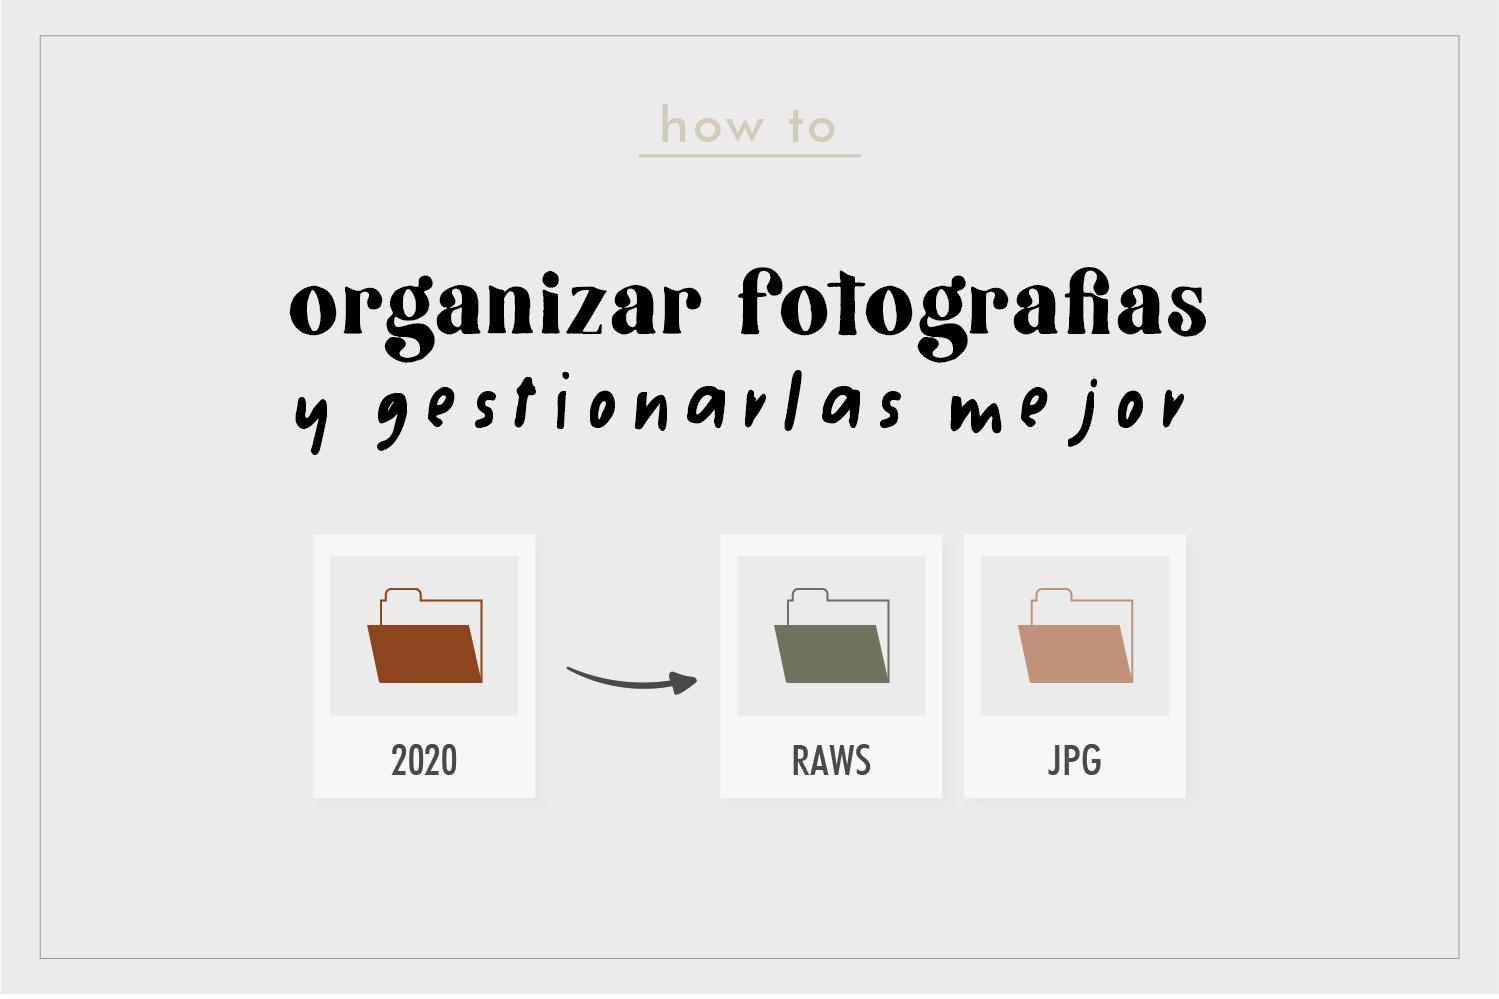 organizar_fotografias